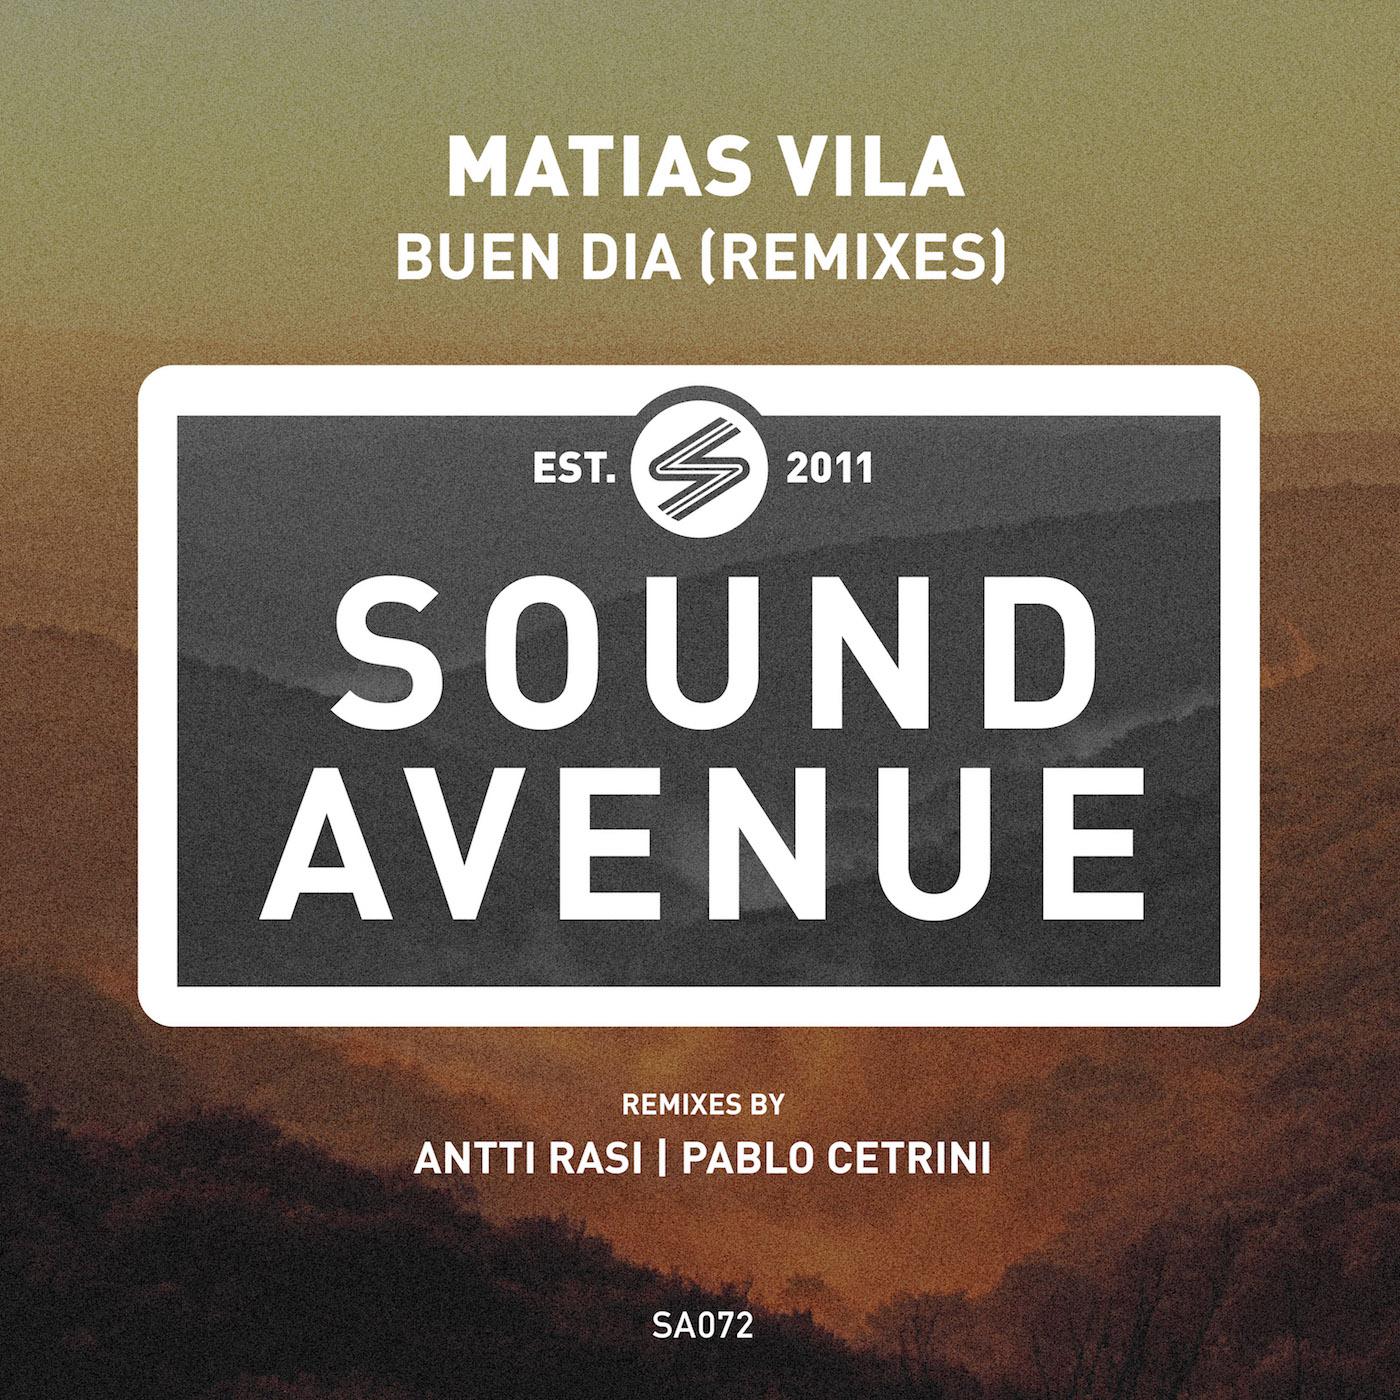 Matias Vila - Buen Dia Remixes (Sound Avenue)